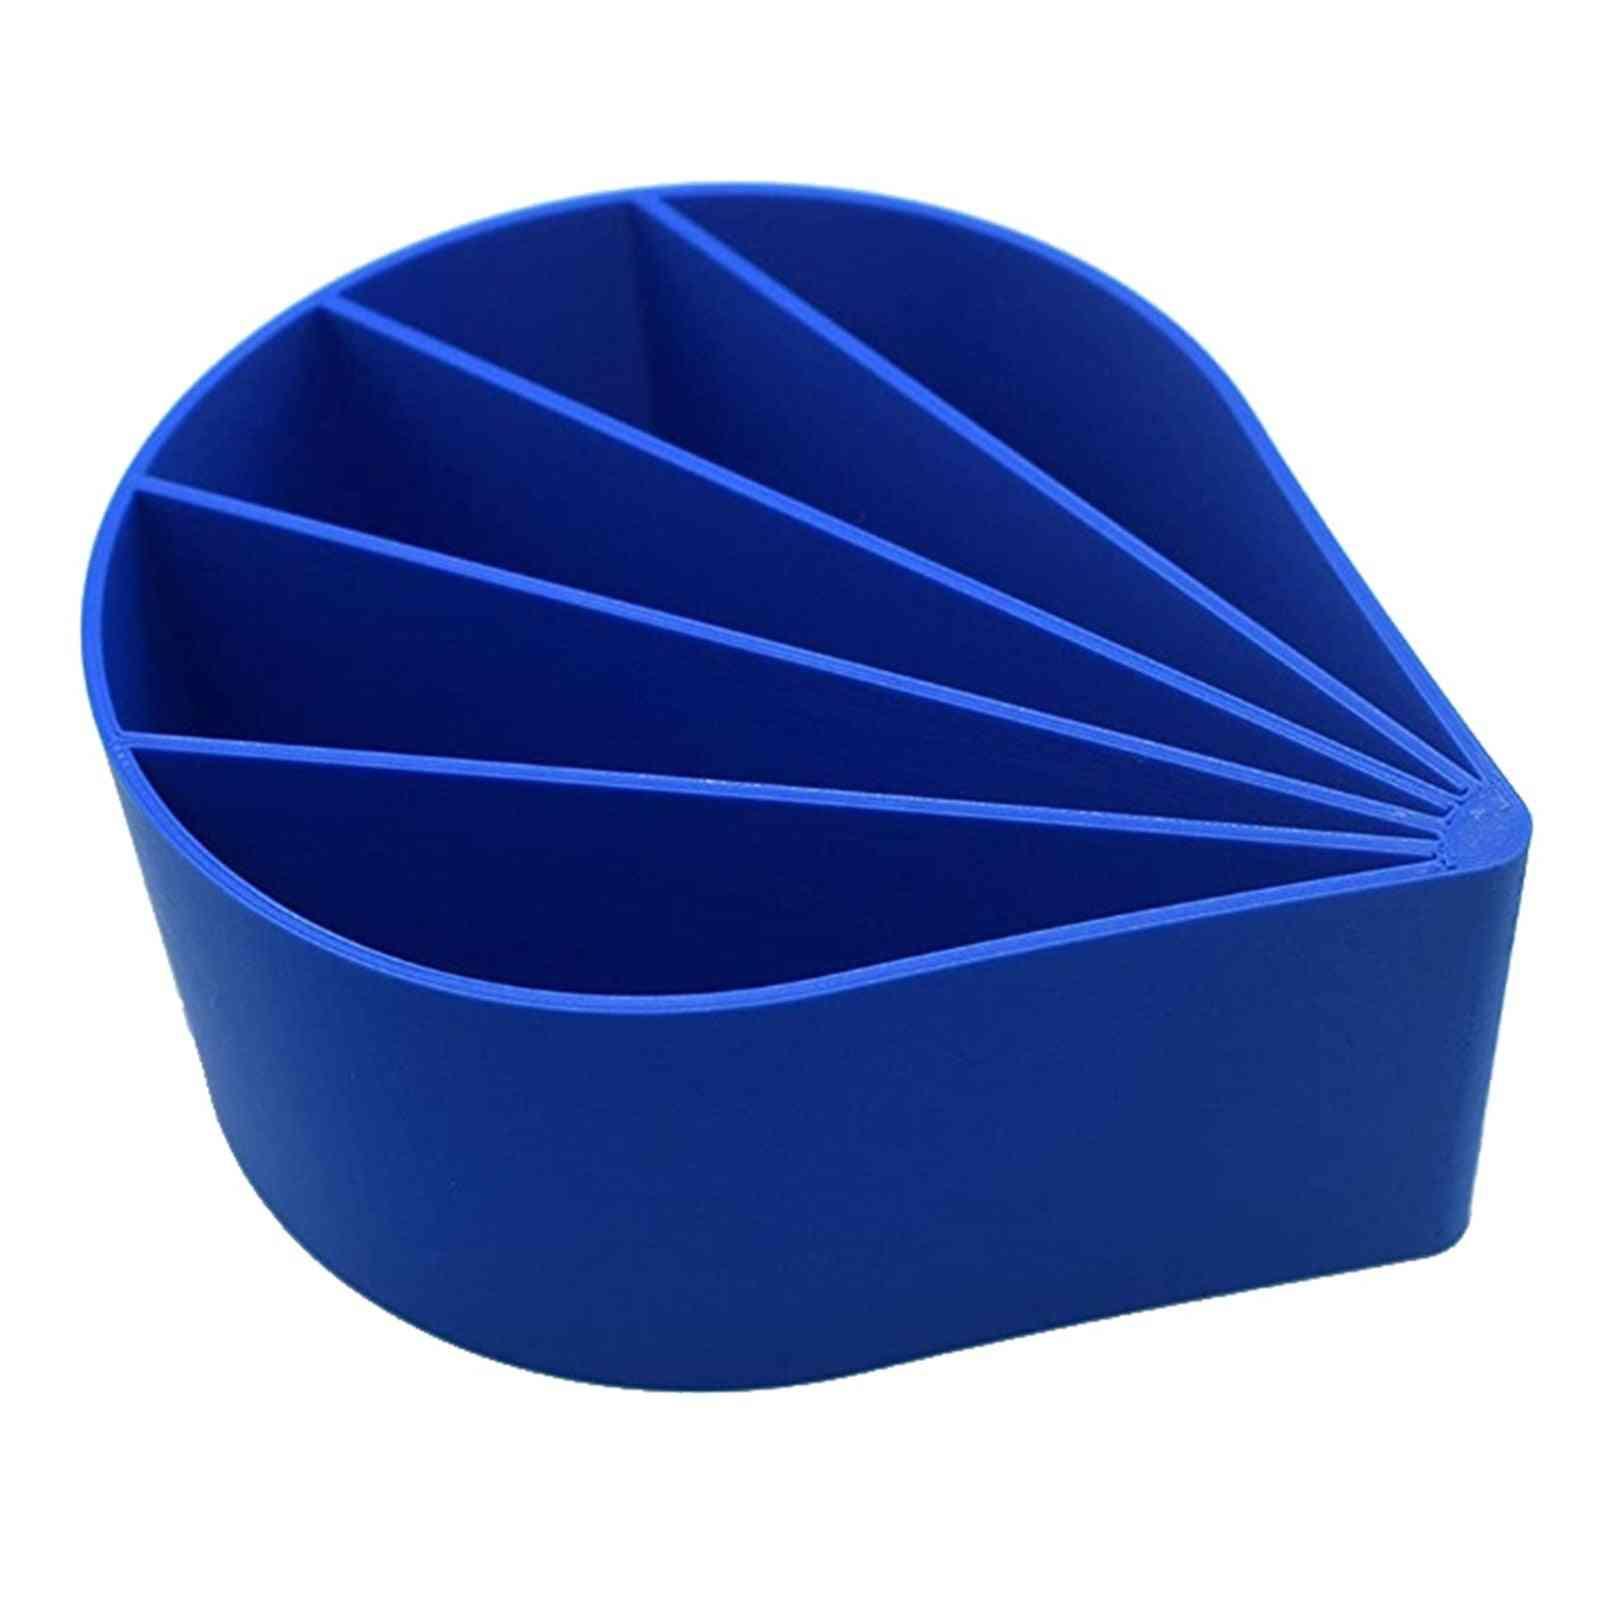 Polylactic Pour Cup 5 Channels Paint Pouring Split Cup Fluid